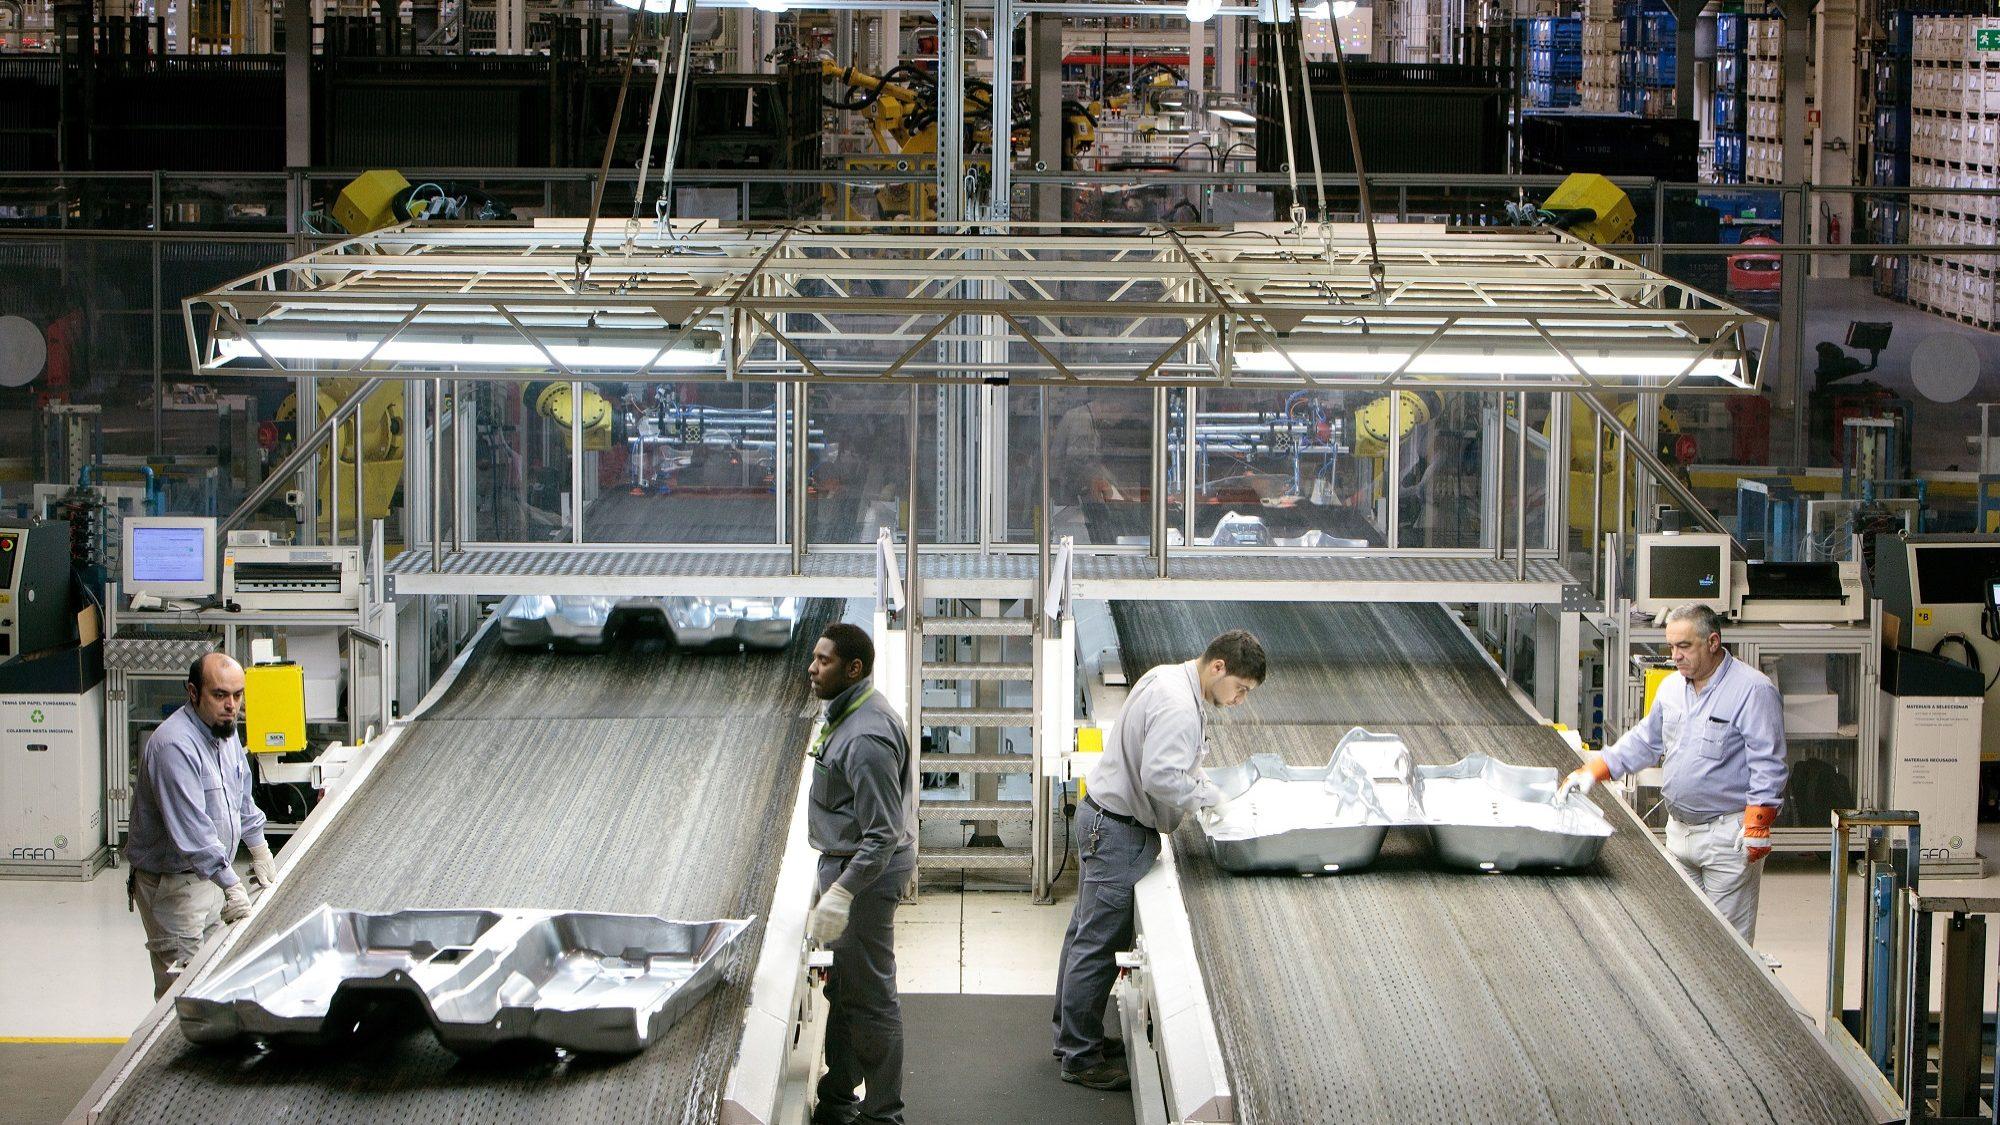 Fábrica da KWD de Palmela investiu 13 milhões de euros. Duplica produção nos últimos 18 meses